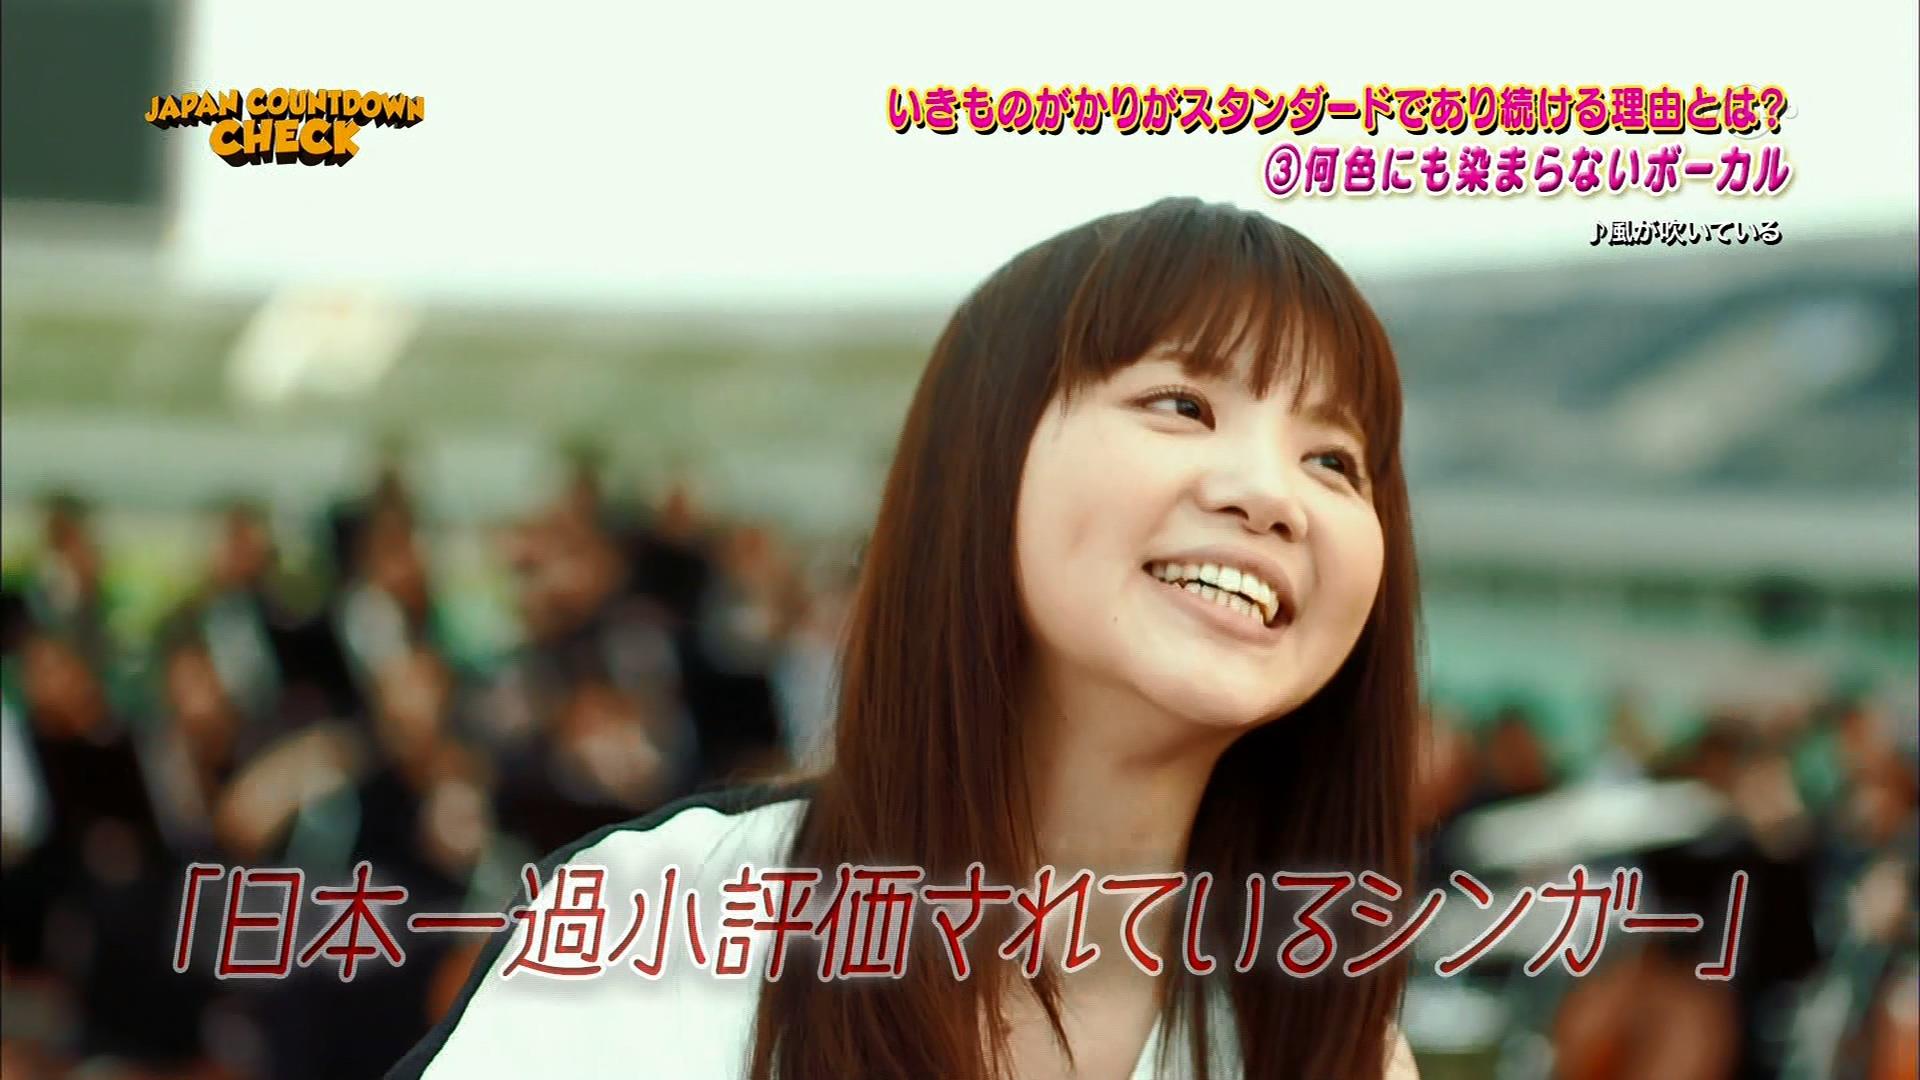 2016.03.20 いきものがかり - 10年たっても私たちはいきものがかりが大好き!日本のスタンダードであり続ける理由(JAPAN COUNTDOWN).ts_20160320_104341.549